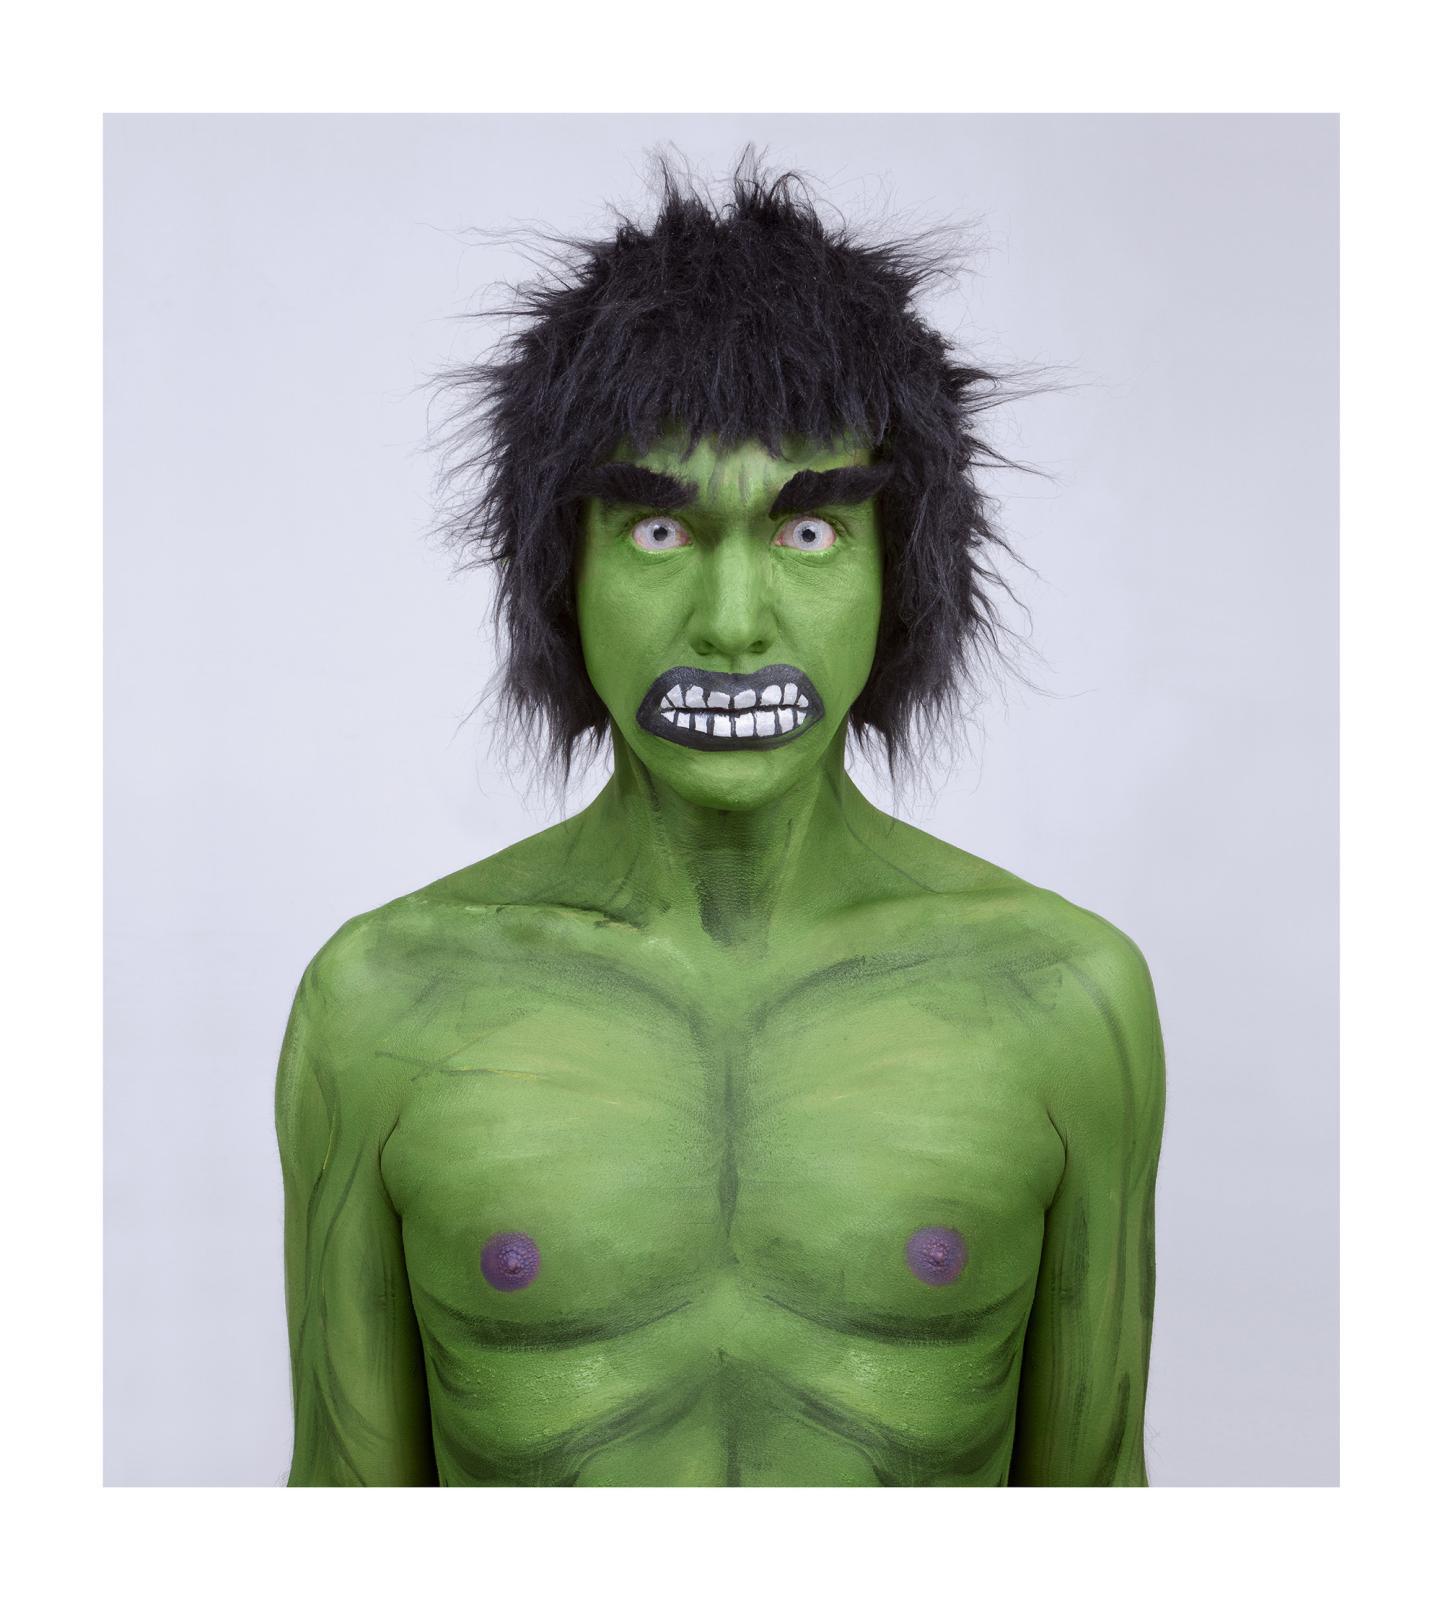 Juan Pablo Echeverri, Hulk, série «Supersonas», 2011. Exposition «La Vuelta, 28photographes et artistes colombiens». Avec l'aimable autorisation de l